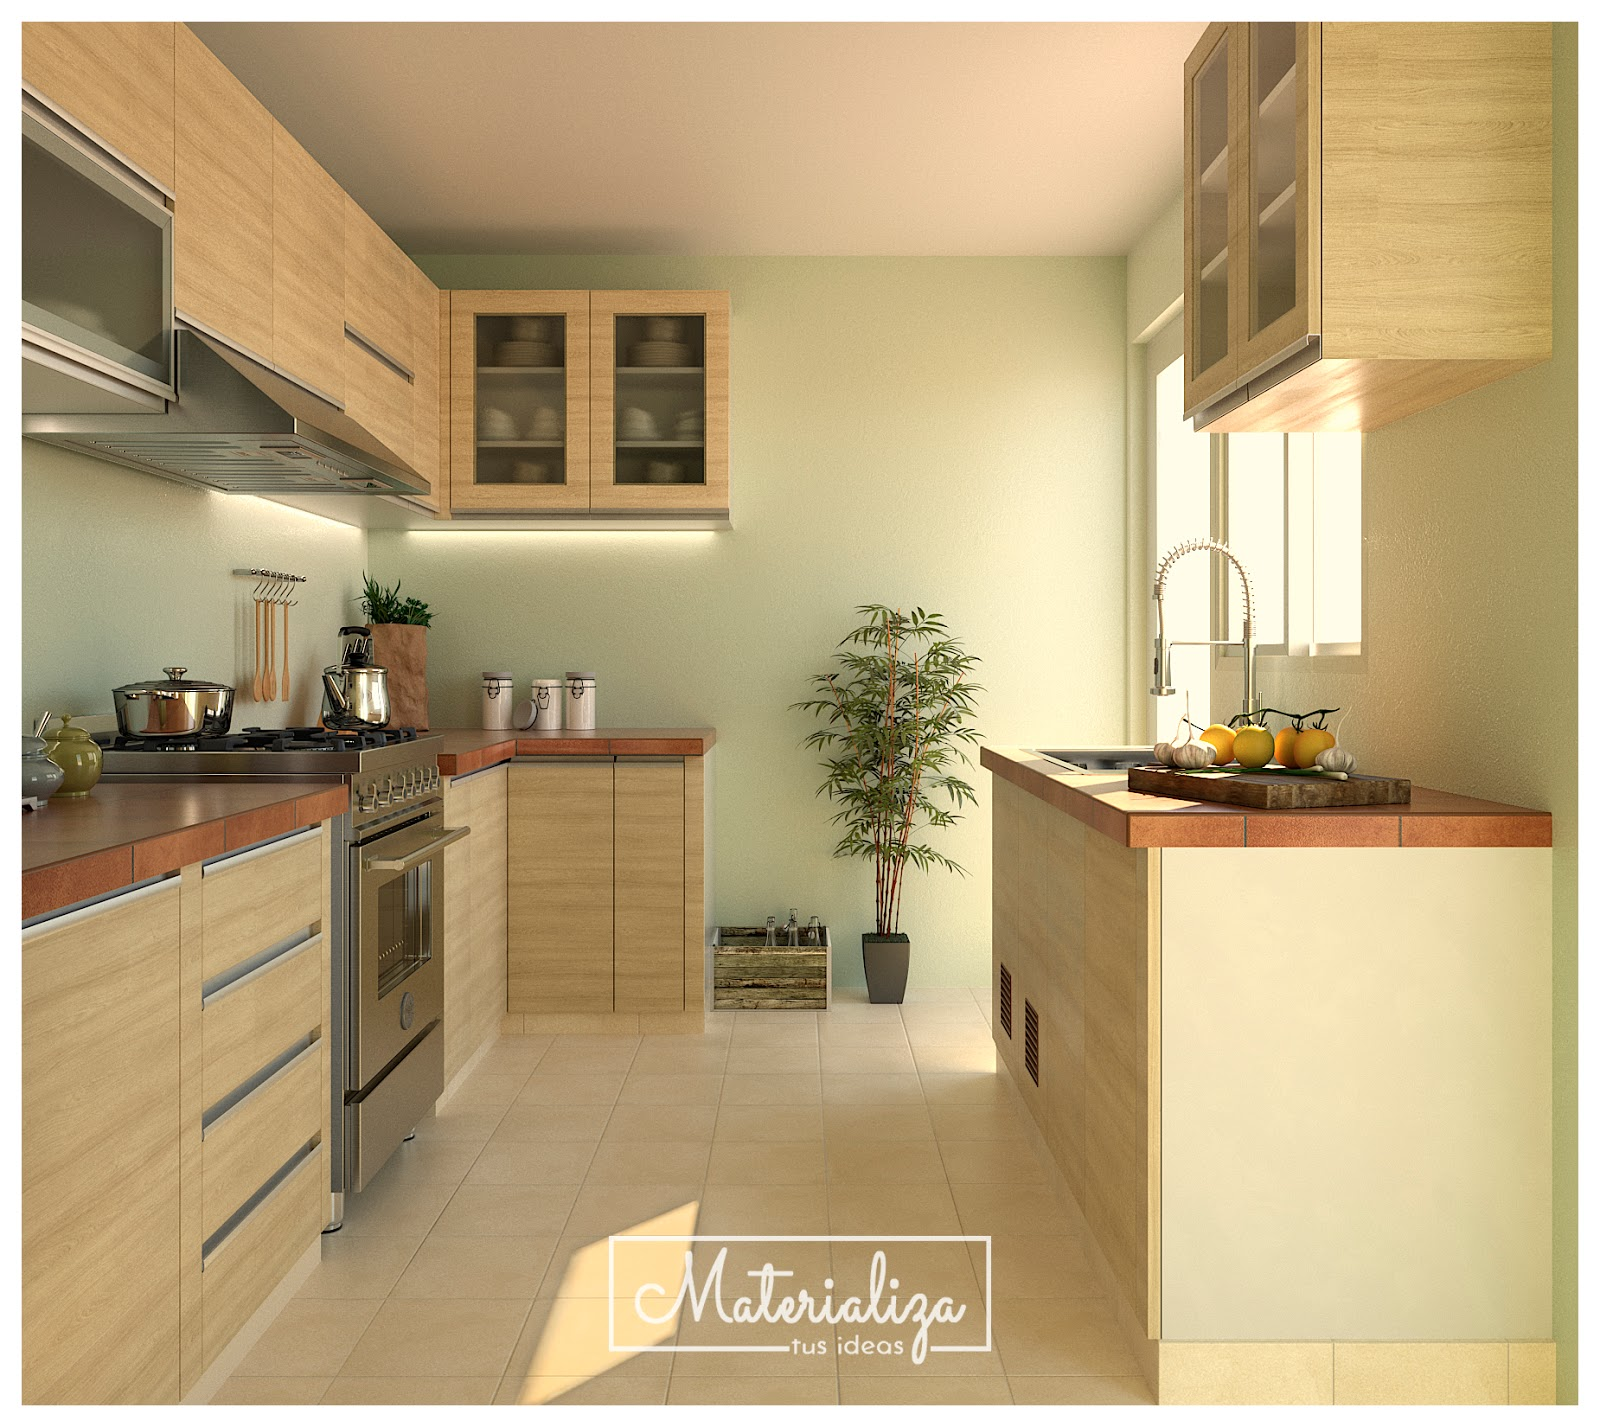 Mueble cocina en melamina carvalo for Mueble de cocina con pileta